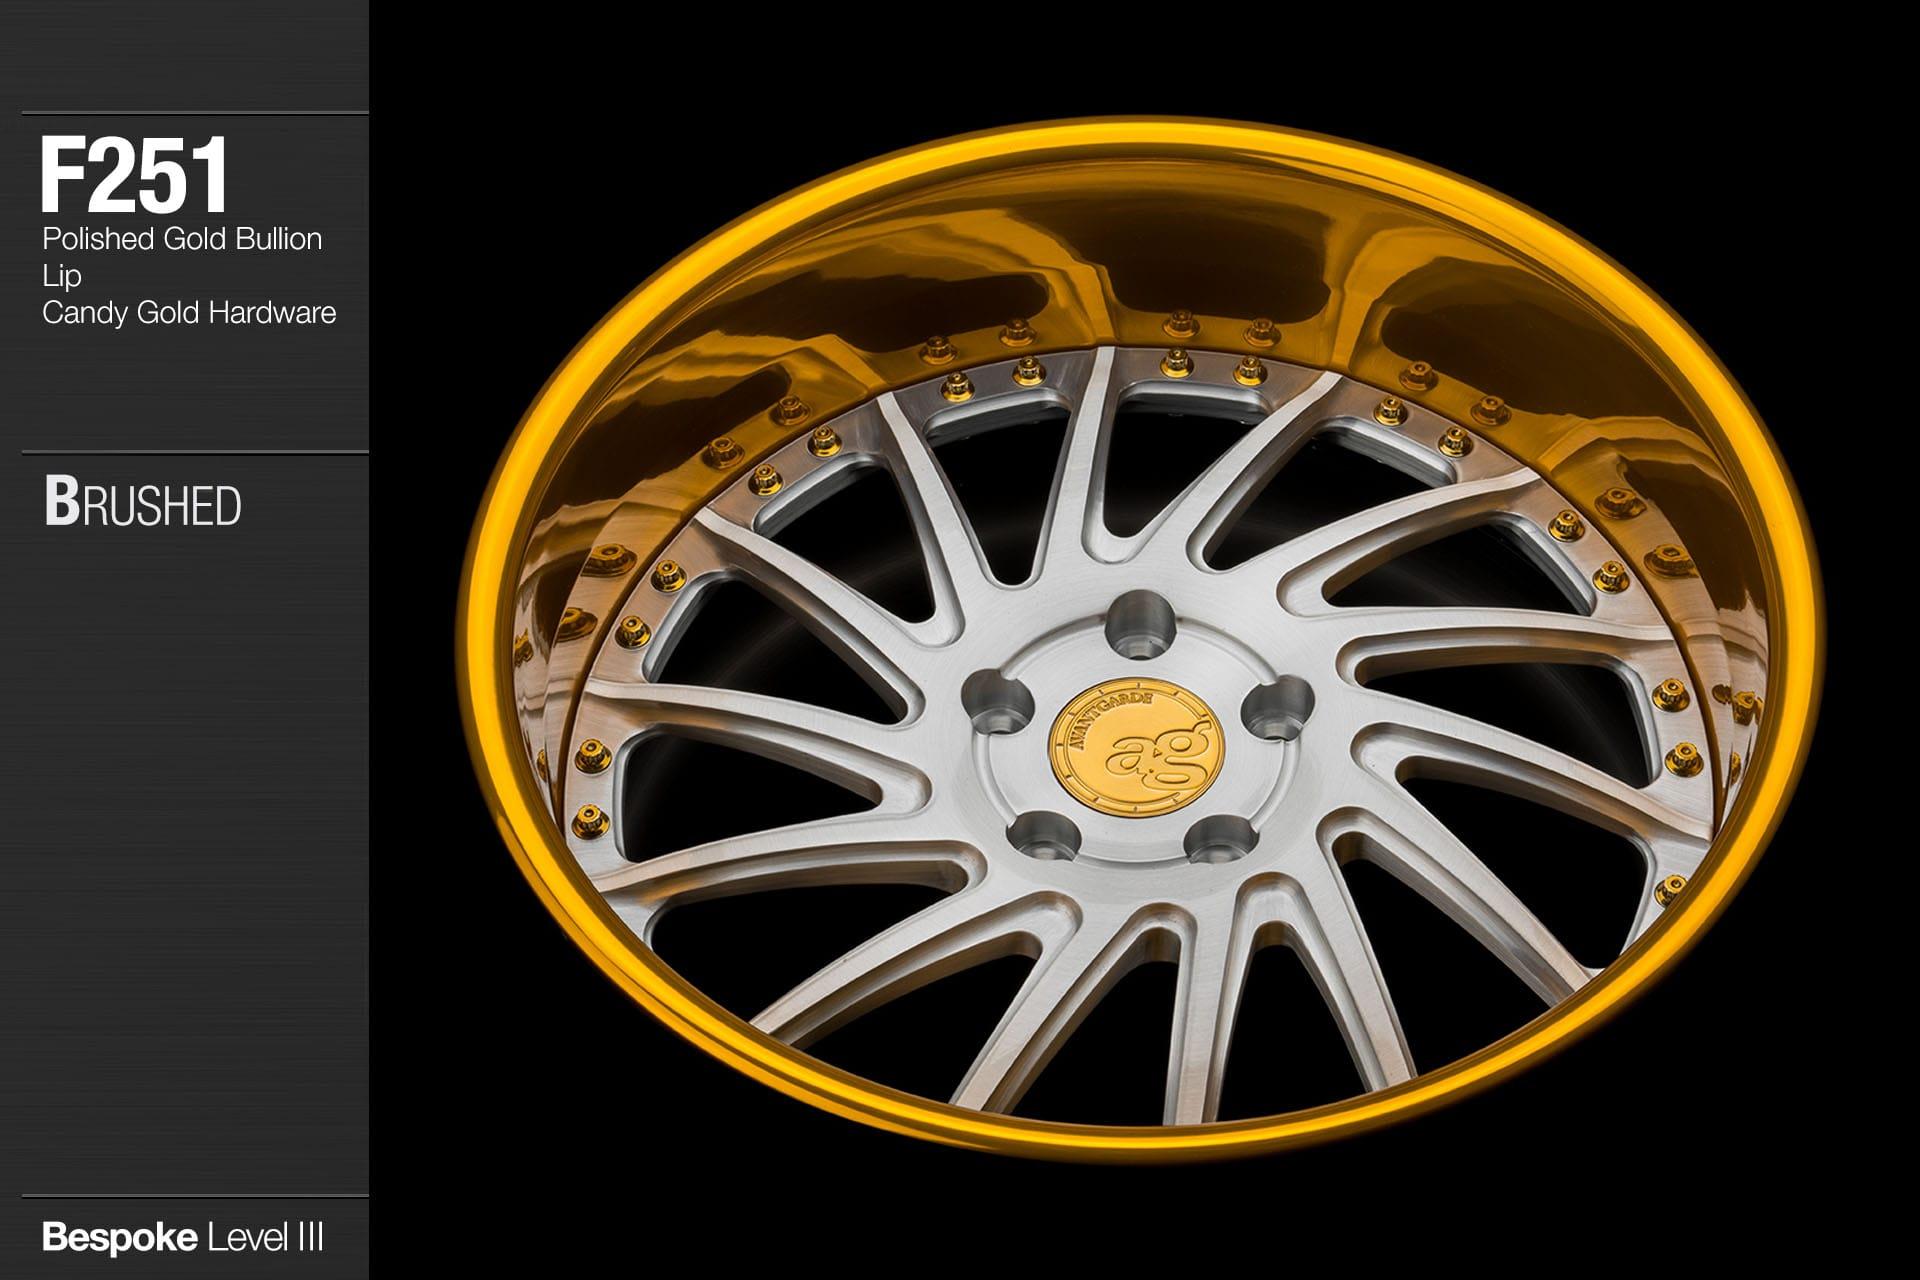 avant-garde-ag-wheels-f251-brushed-face-polished-gold-bullion-lip-candy-hardware-3-min